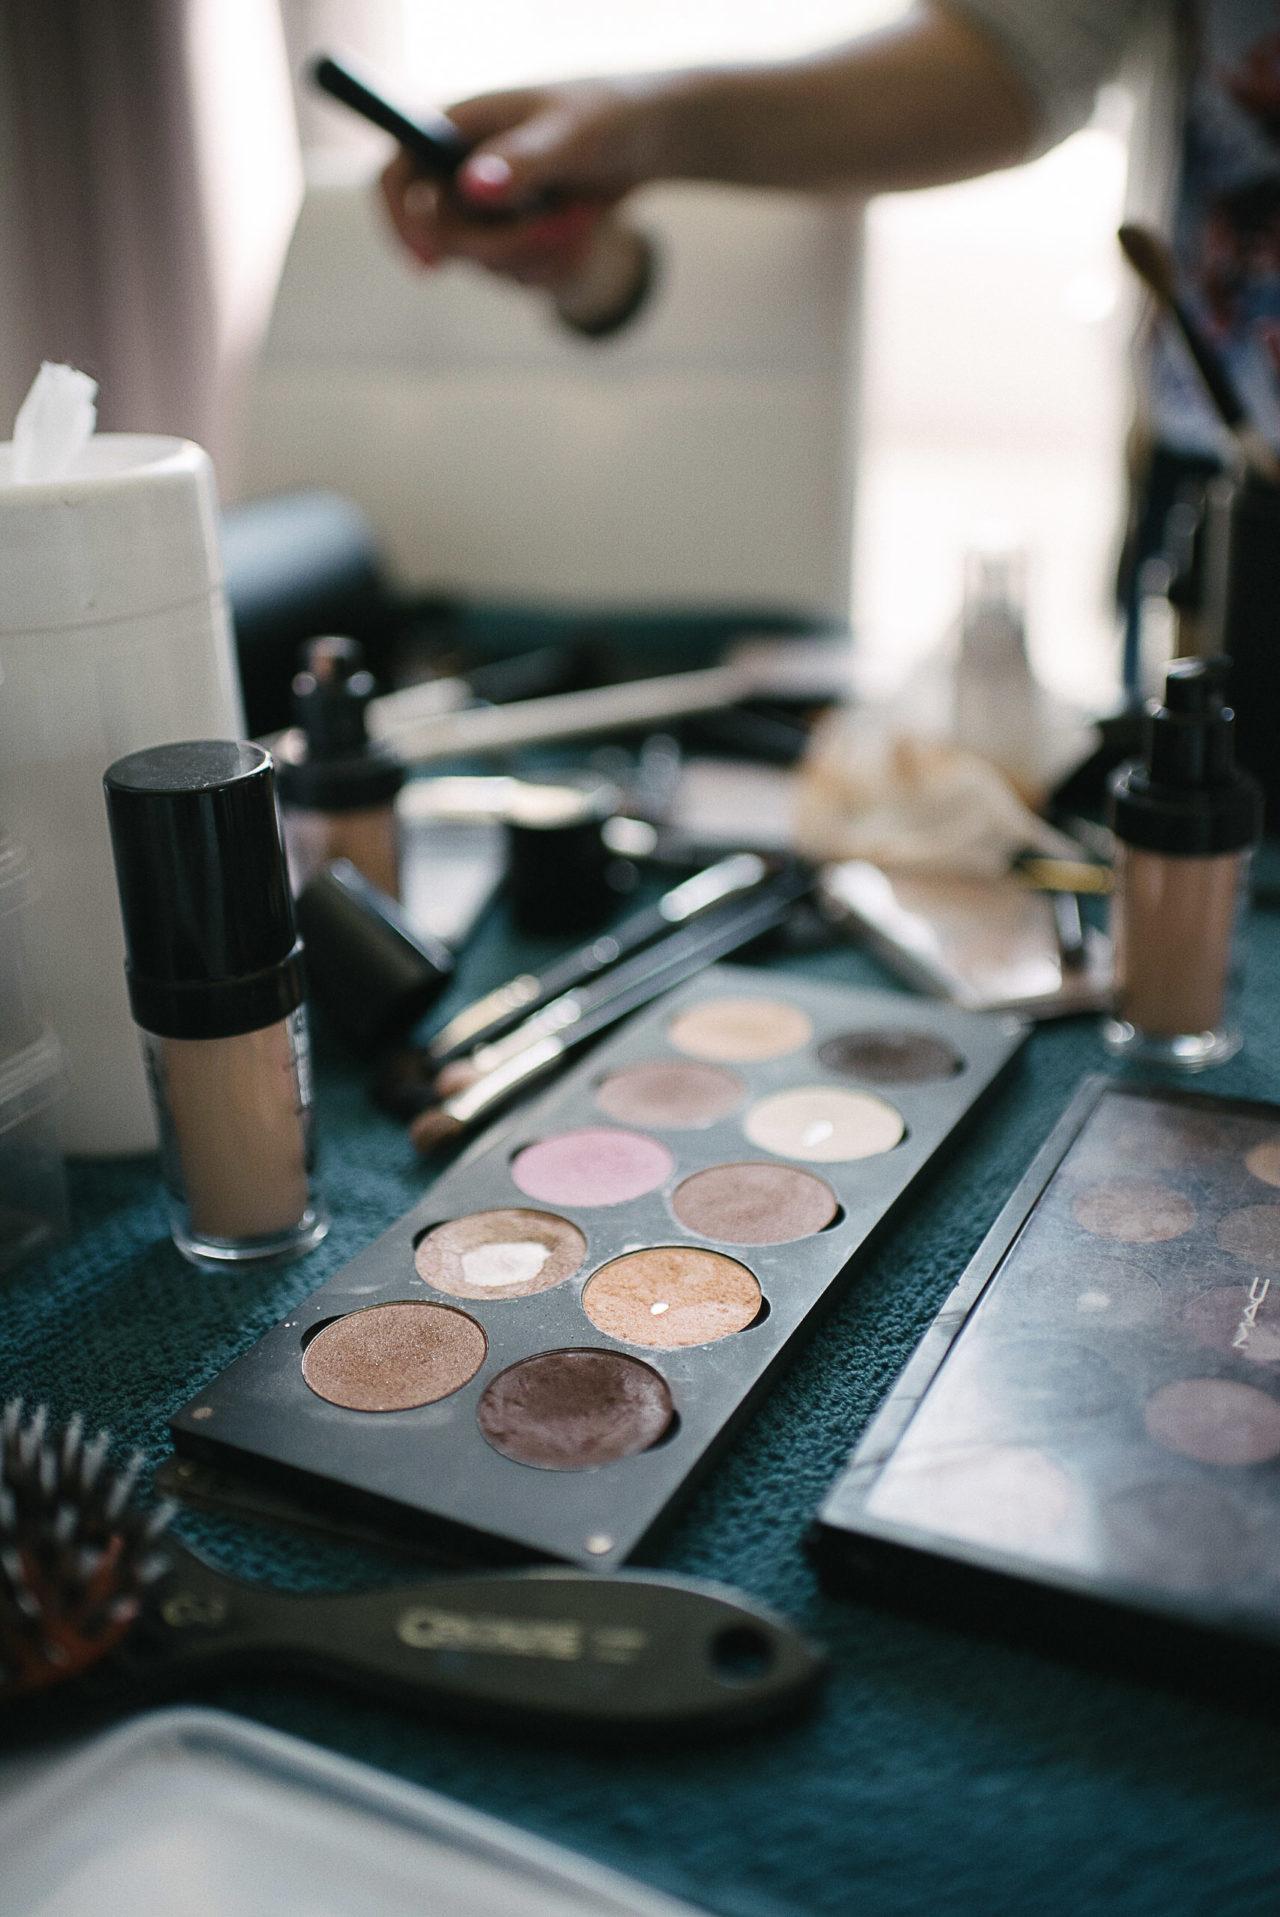 La palette de maquillage servant durant les préparatifs de la mariée